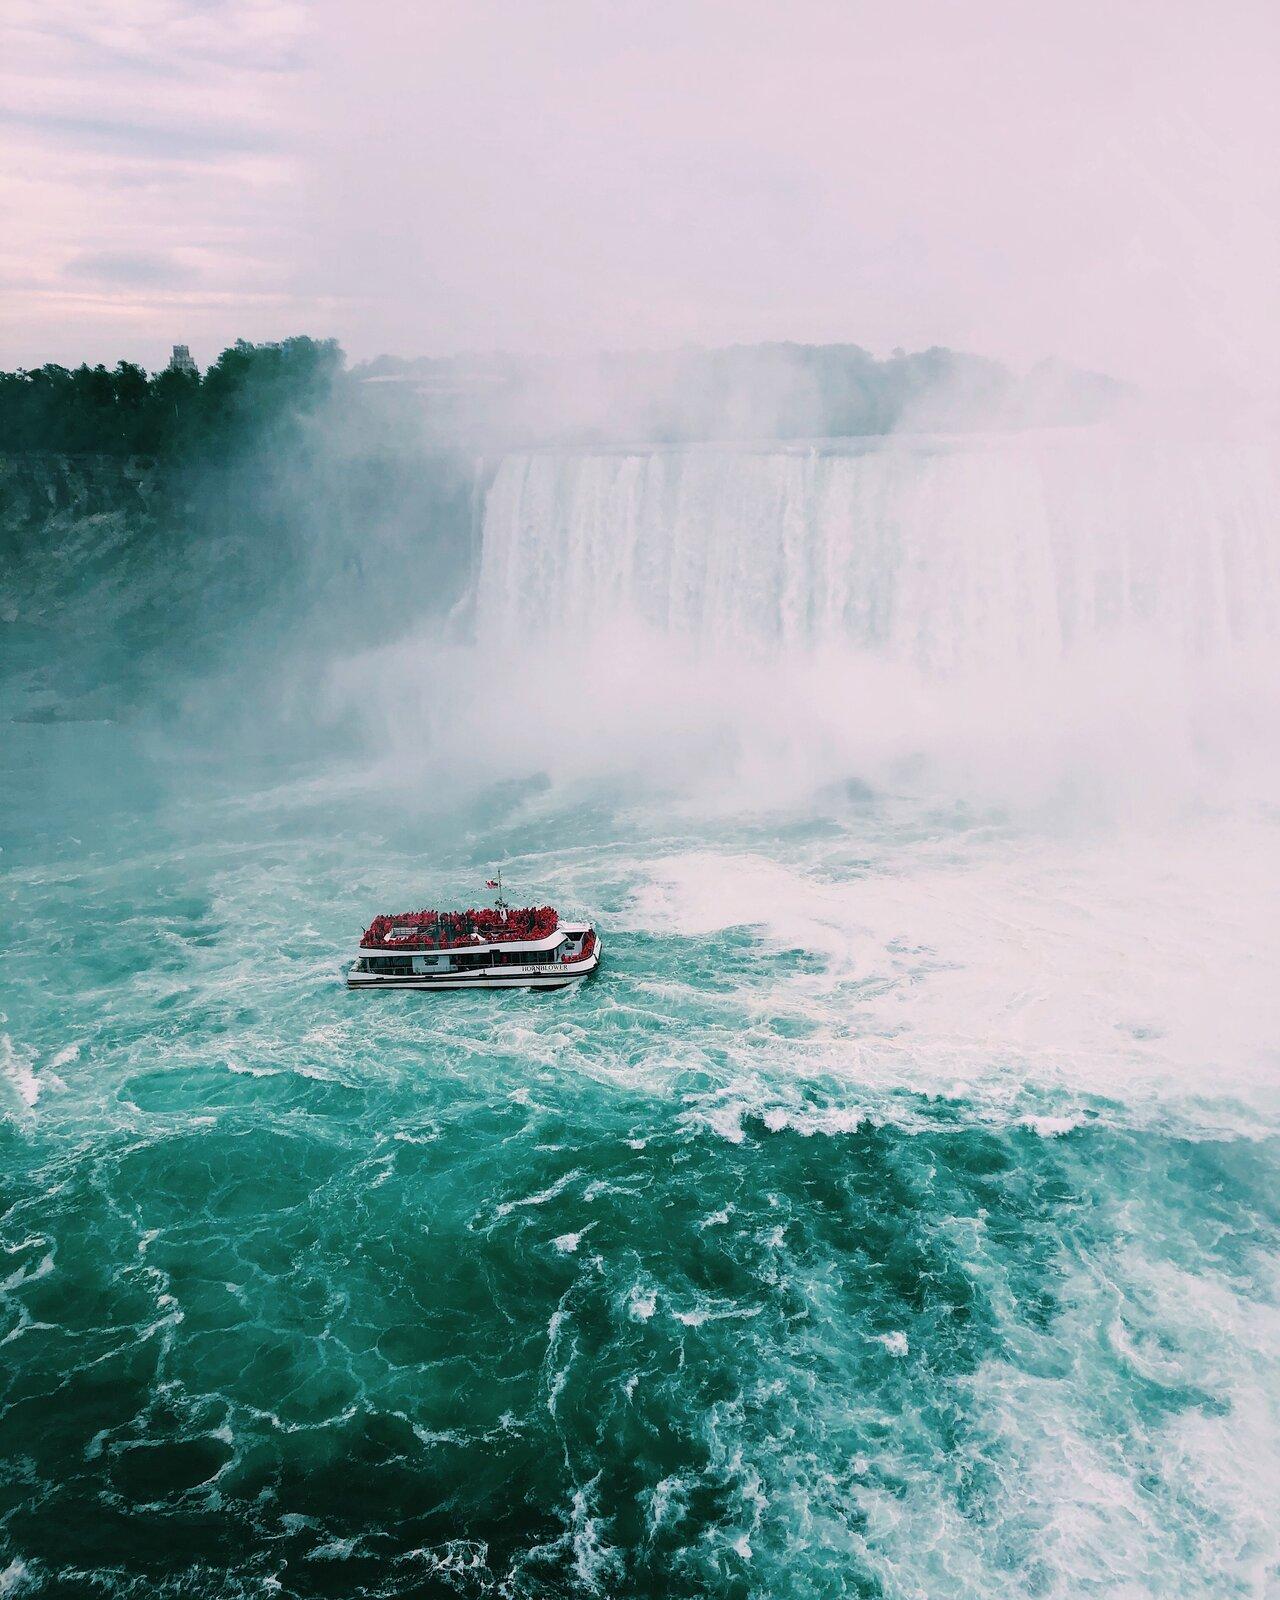 plavba lodí přímo k vodopádům